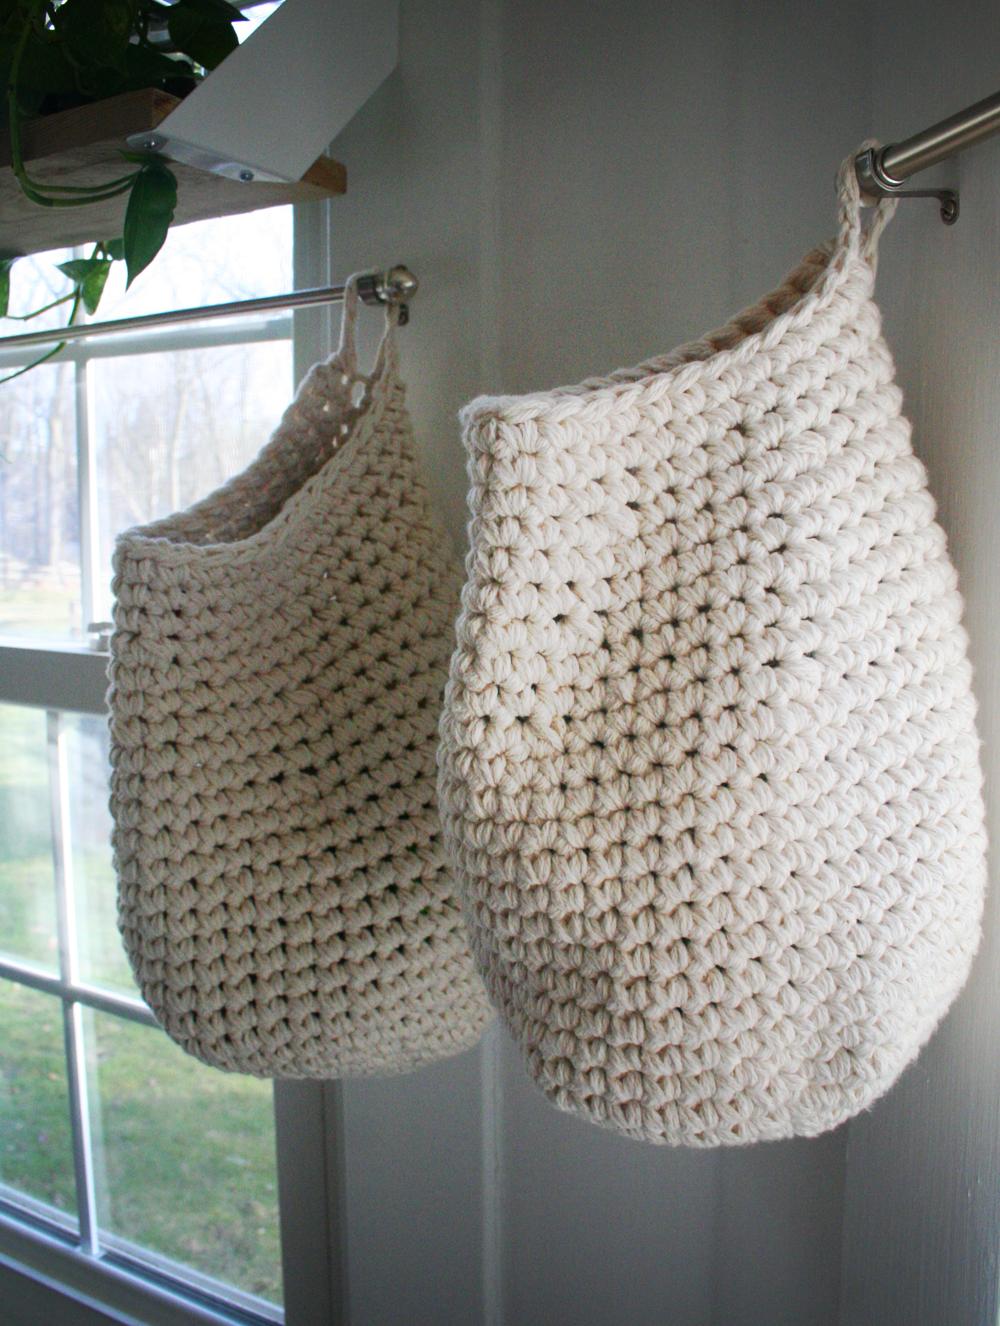 crochet basket tutorial pour la salle de bain sac pinterest les salles de bain tutorial. Black Bedroom Furniture Sets. Home Design Ideas